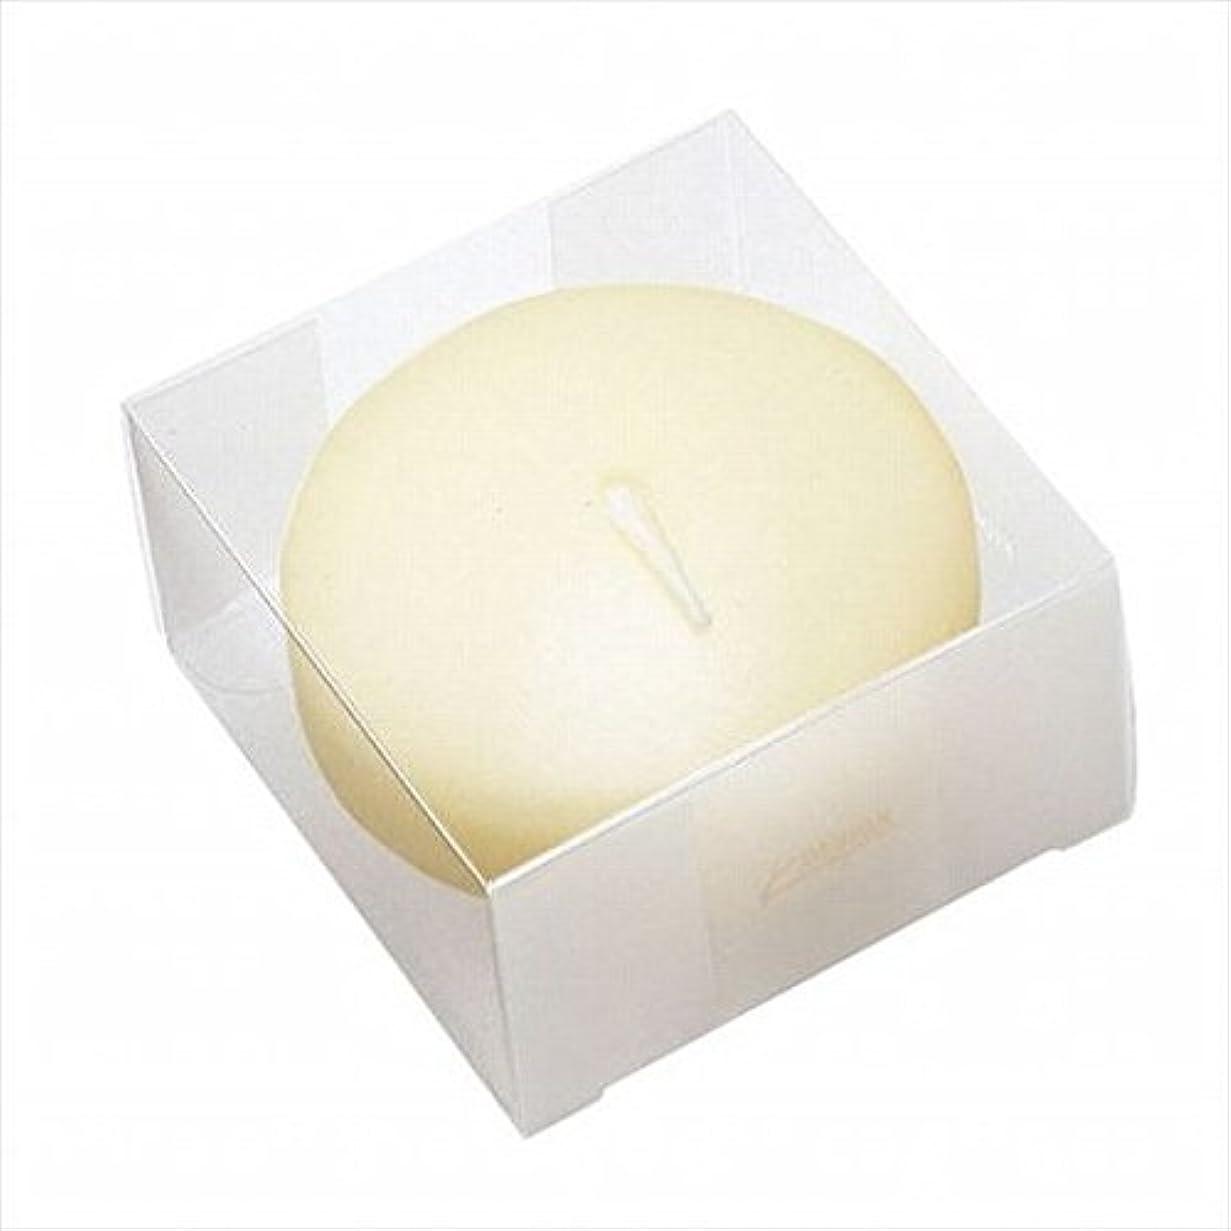 ファシズムアウトドア落花生kameyama candle(カメヤマキャンドル) プール80(箱入り) 「 アイボリー 」 キャンドル 80x80x45mm (A7069050)